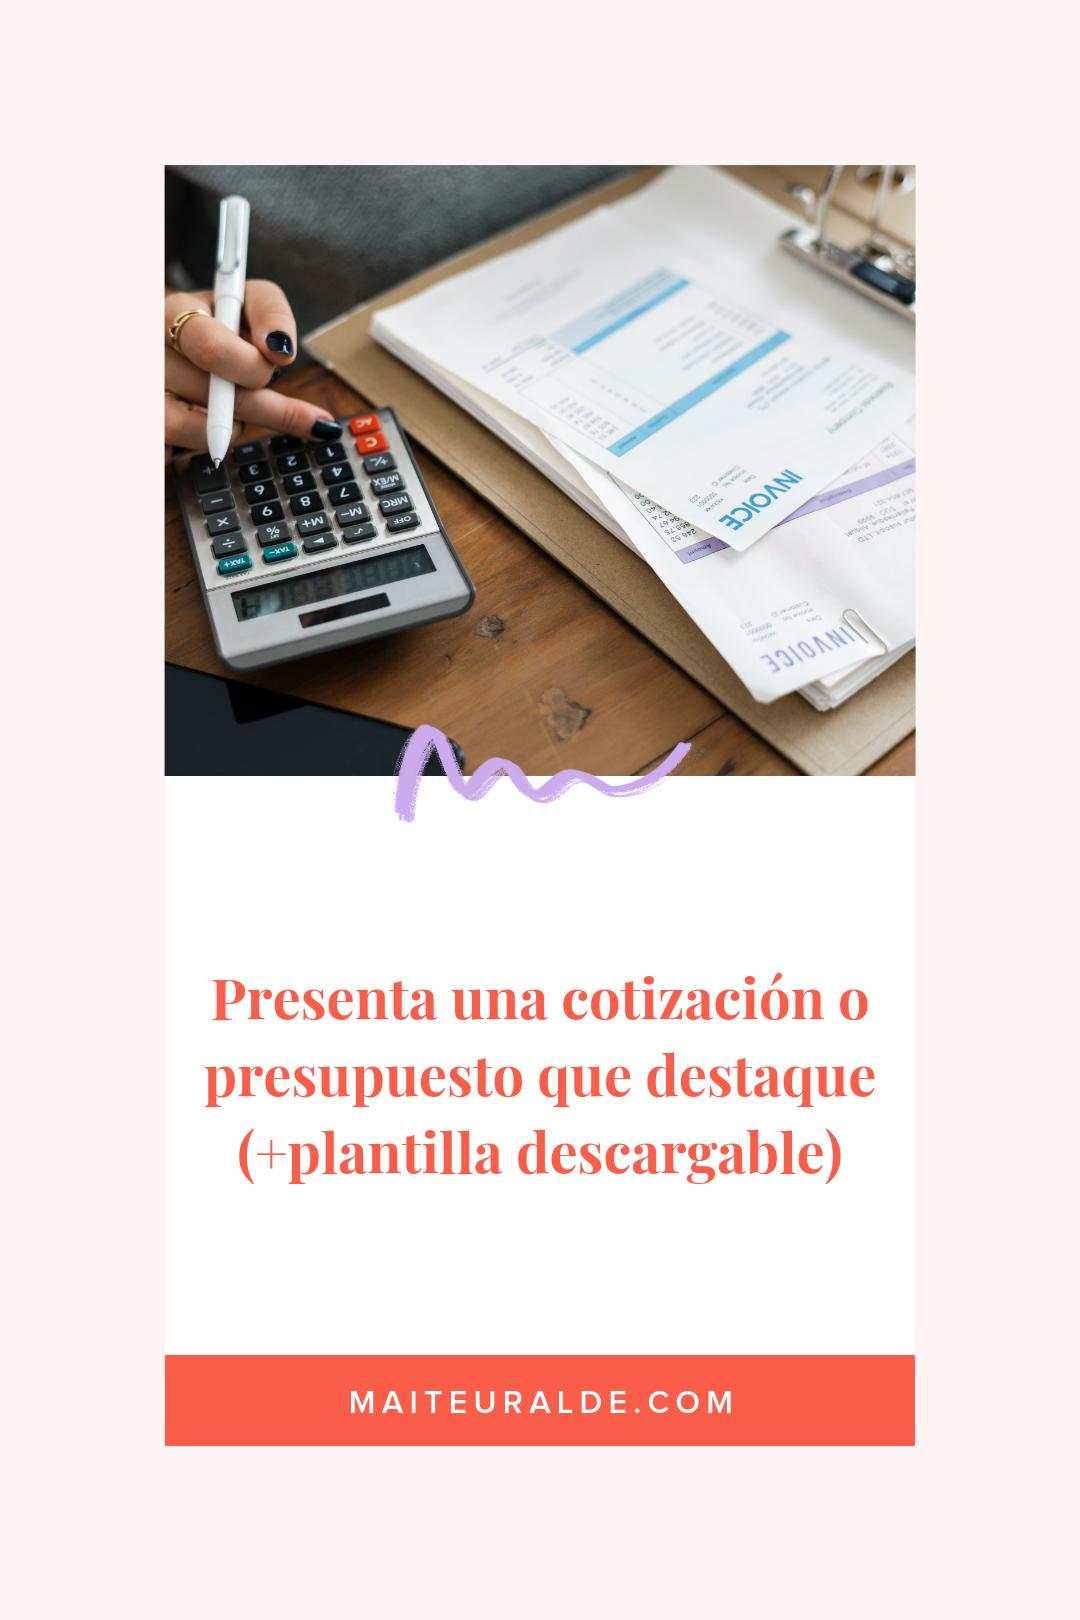 Cómo Hacer Una Cotización O Presupuesto Plantilla Descargable Maite Uralde Presupuesto Emprendedor Cómo Hacer